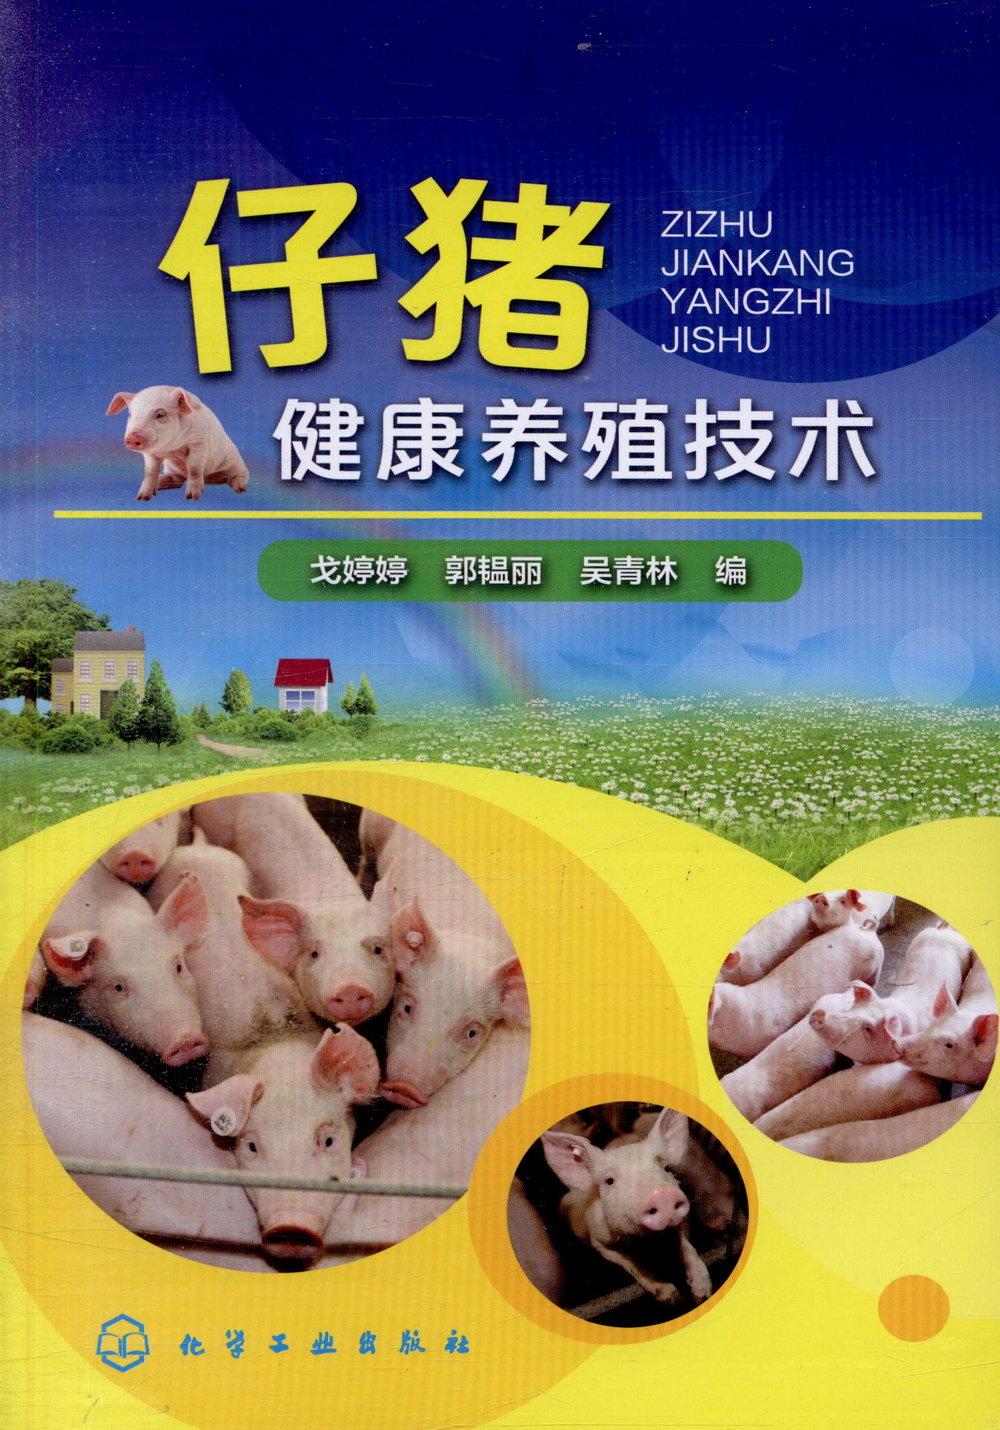 仔豬健康養殖技術